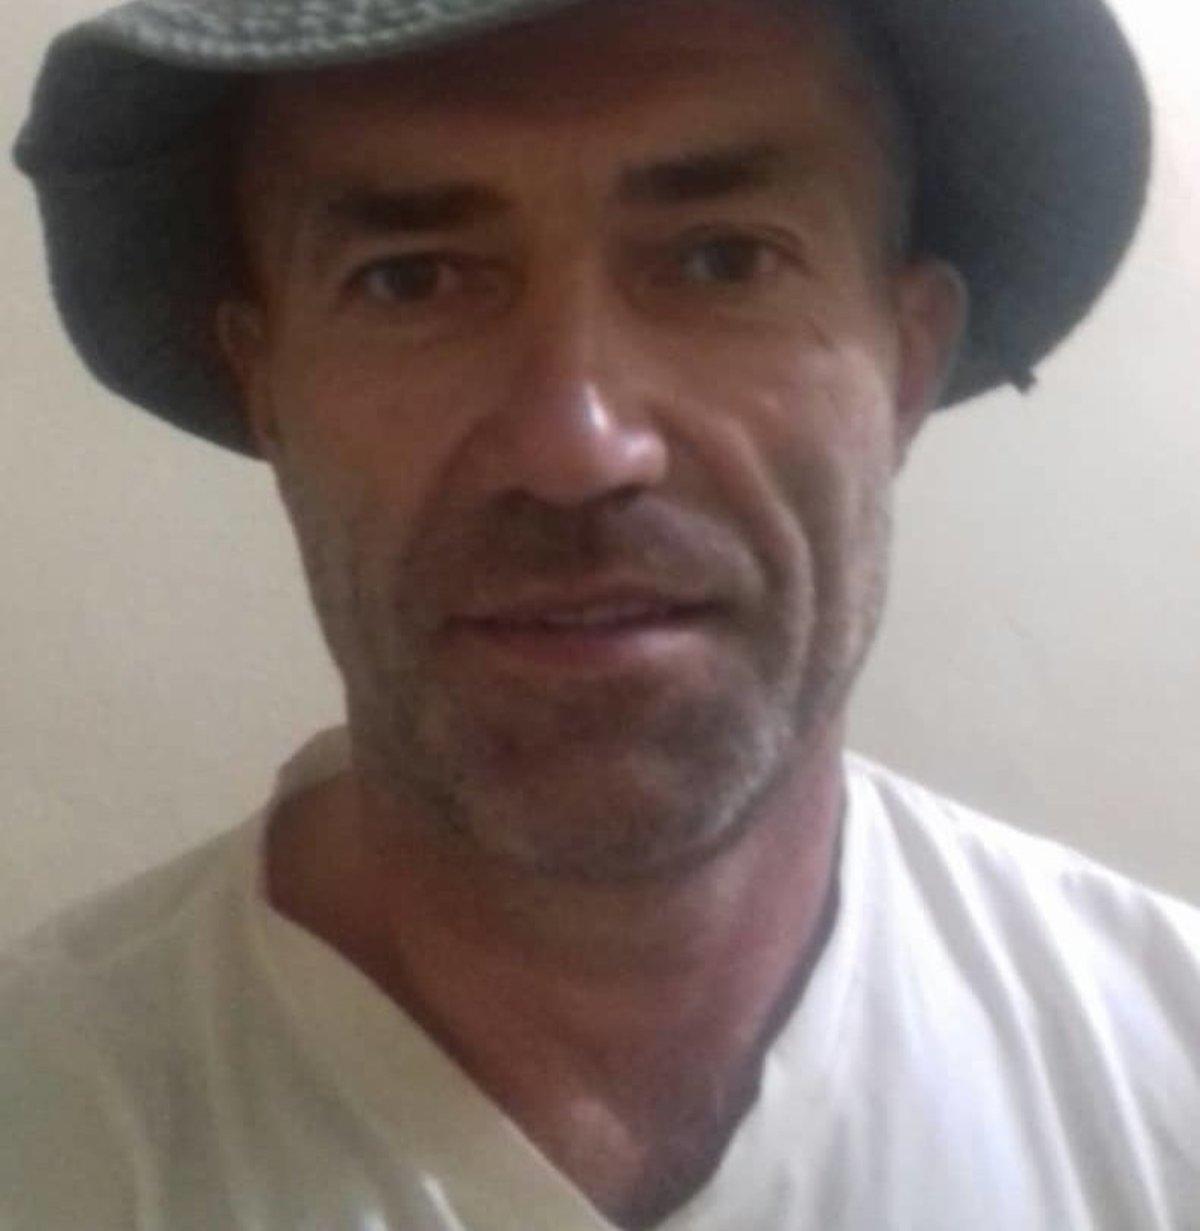 Bývalého príslušníka SIS Kosíka uniesli z domu v Mali - domov.sme.sk